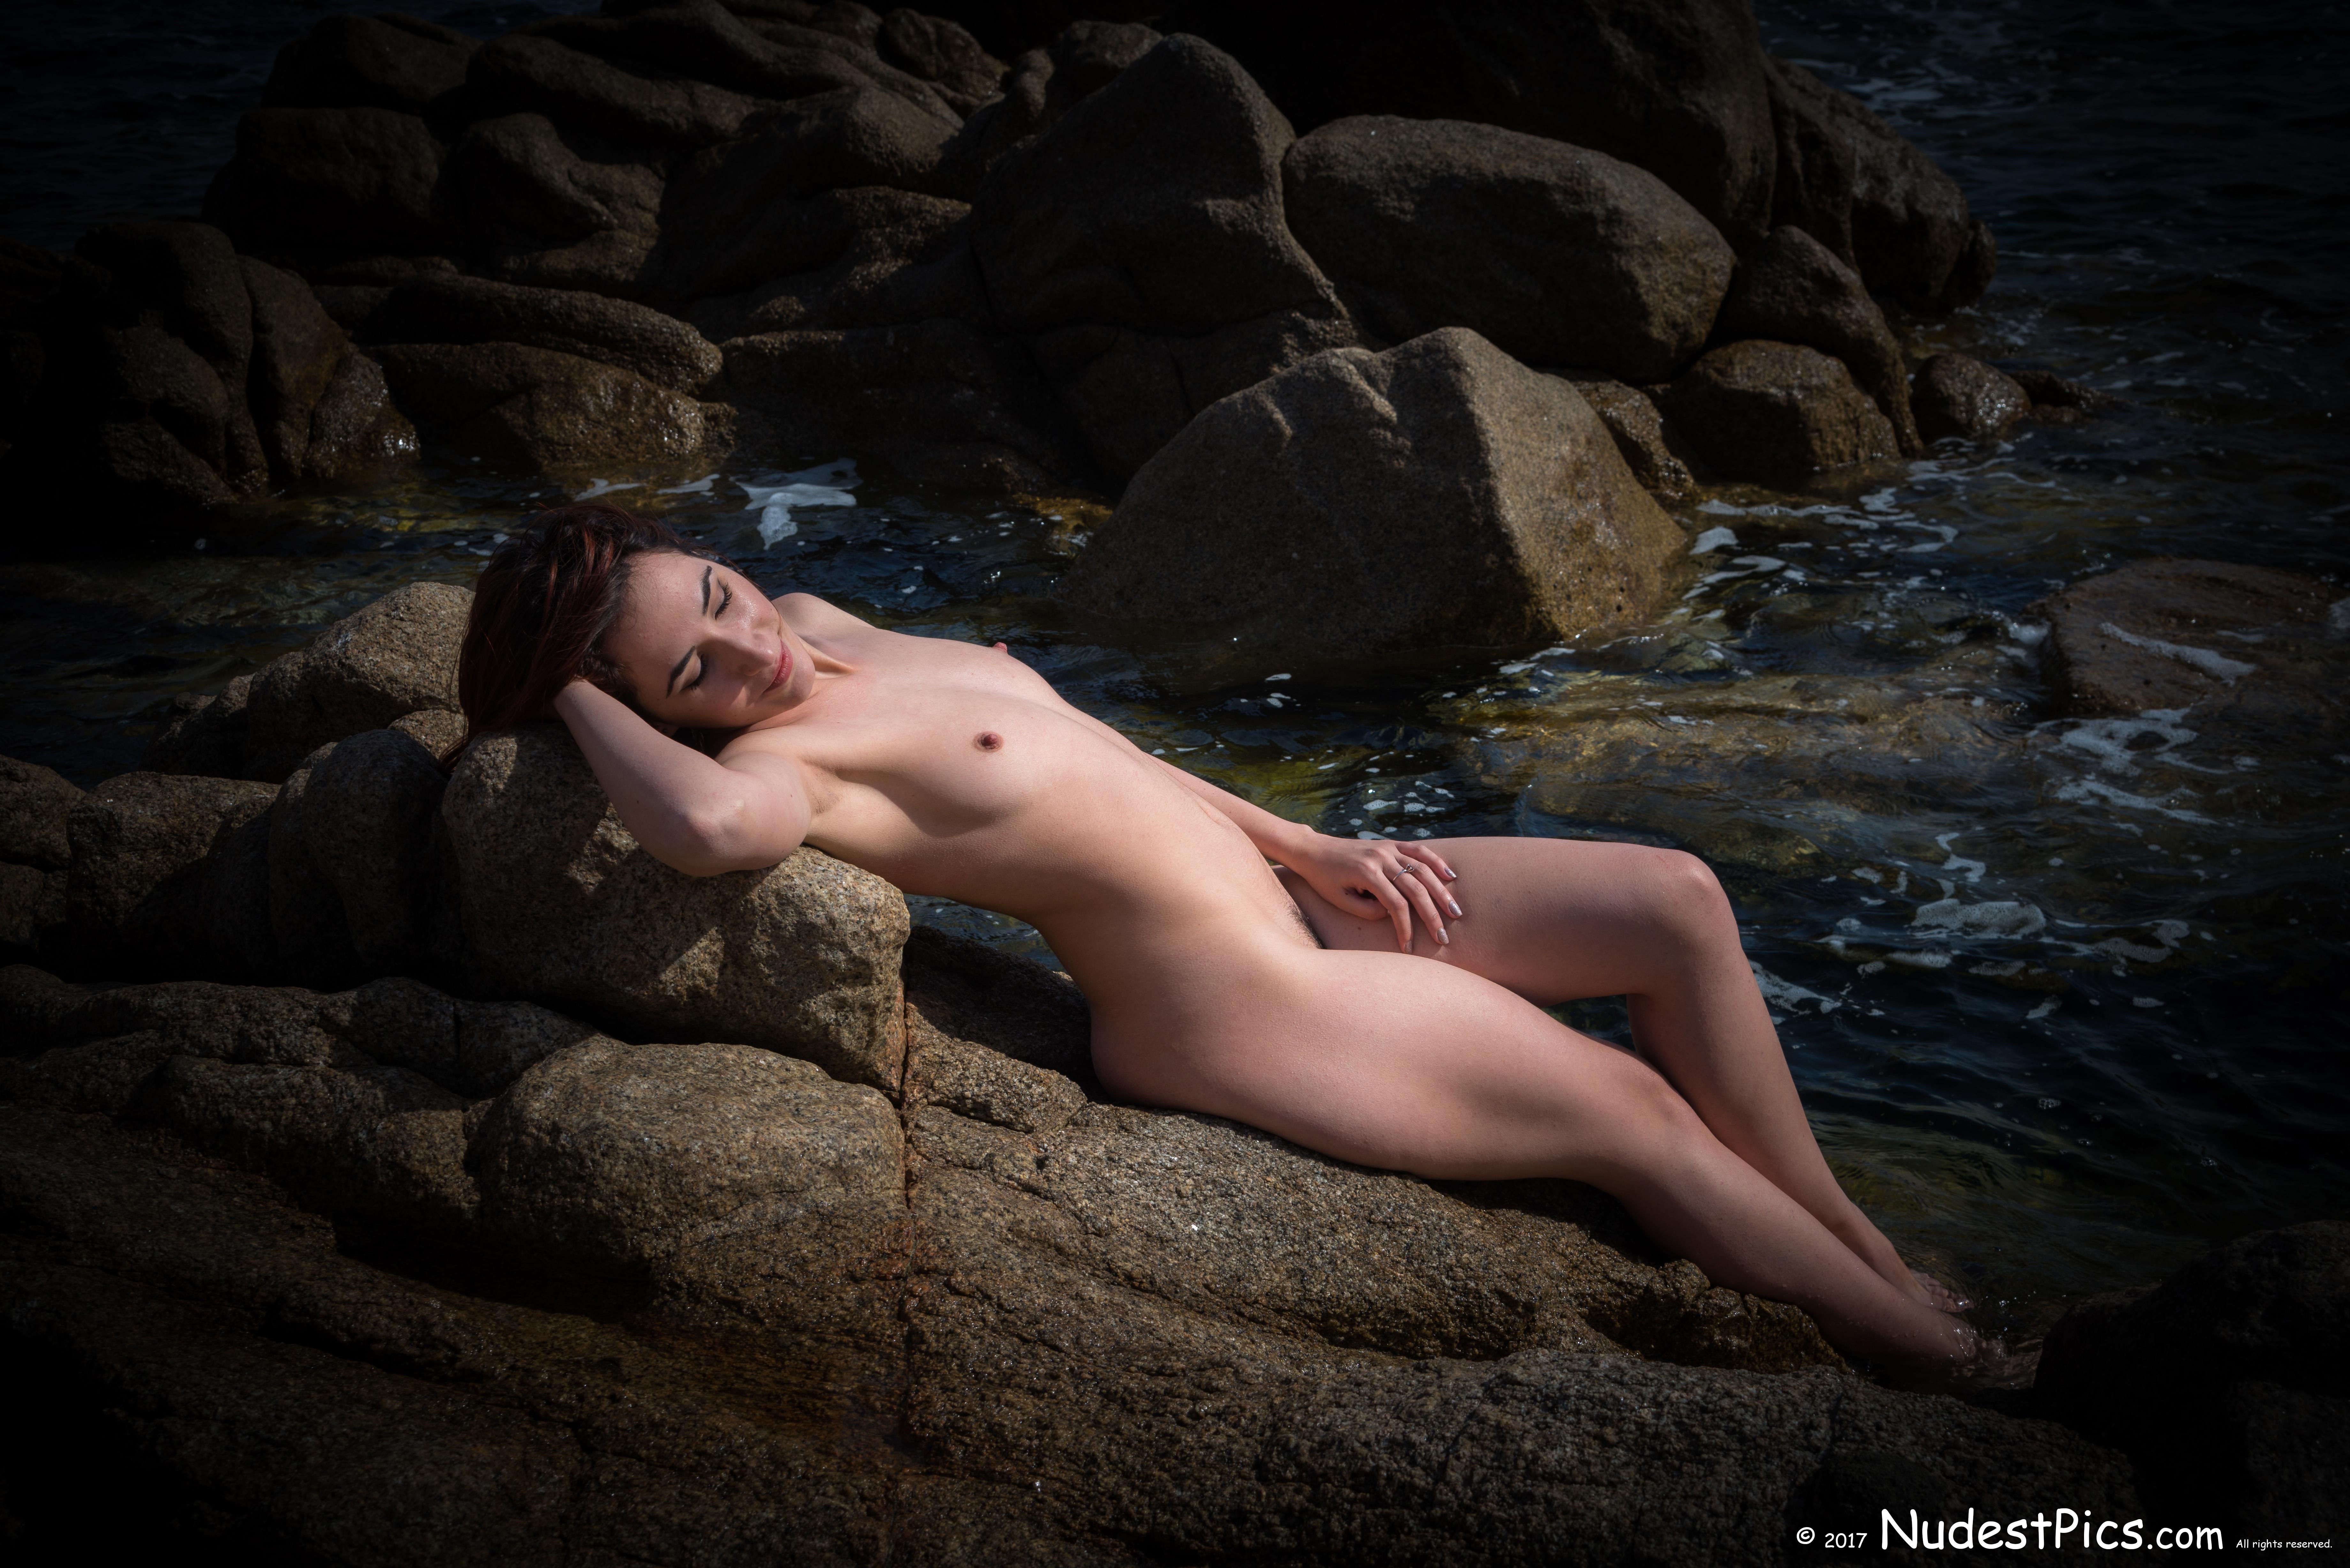 Mermaid Nudist Relaxing Sunbath HD